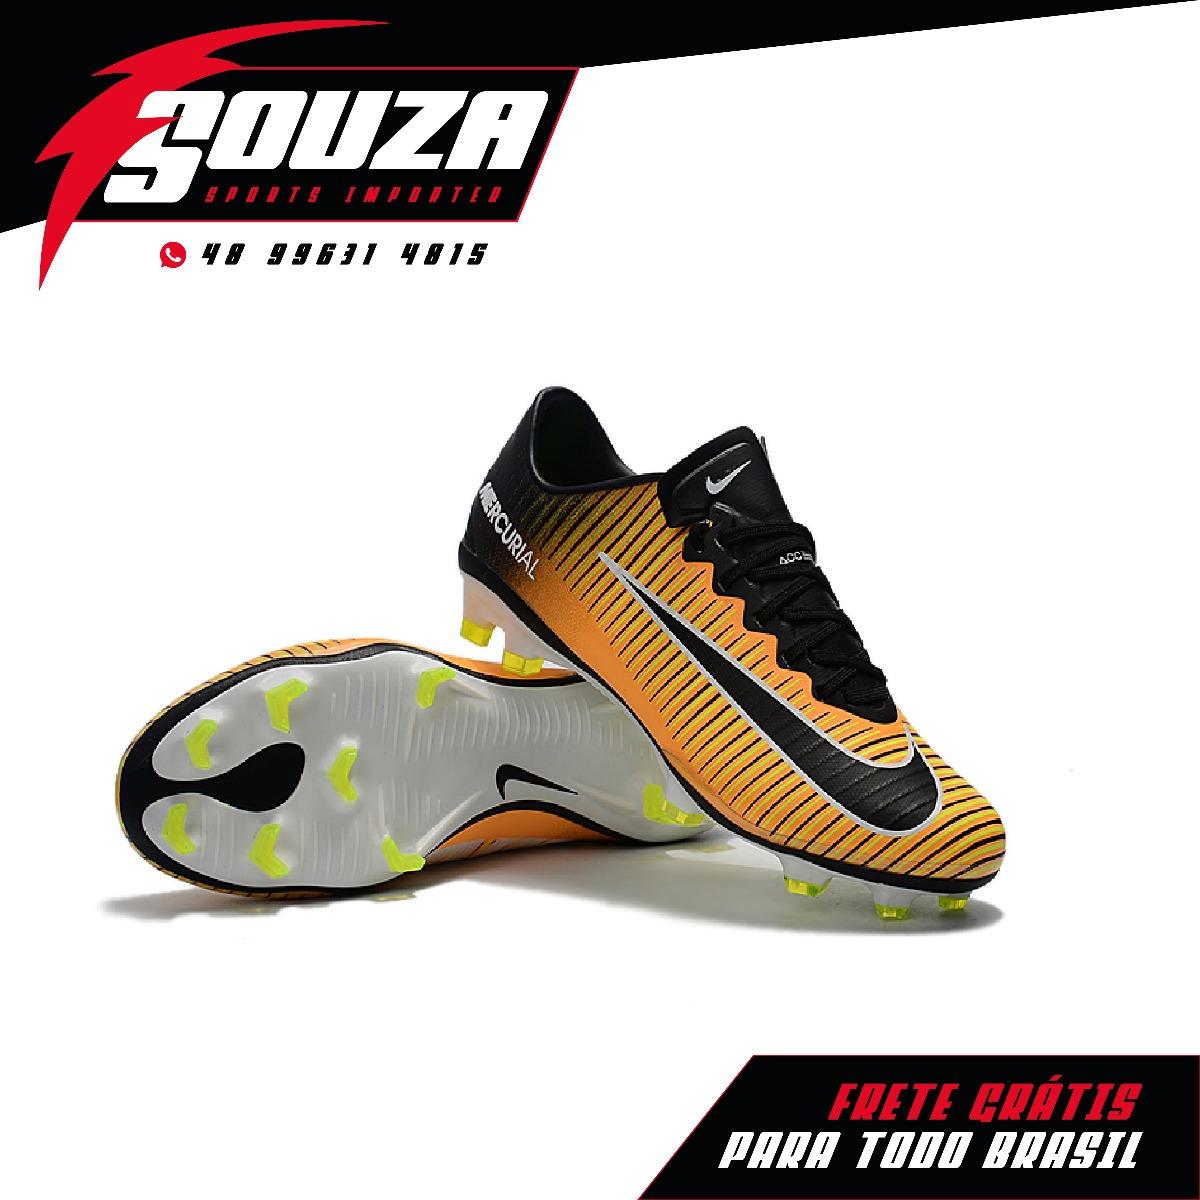 Promoção - Chuteira Nike Mercurial Vapor Xi Fg - Pronta Entr - R ... 662fbbeac454a